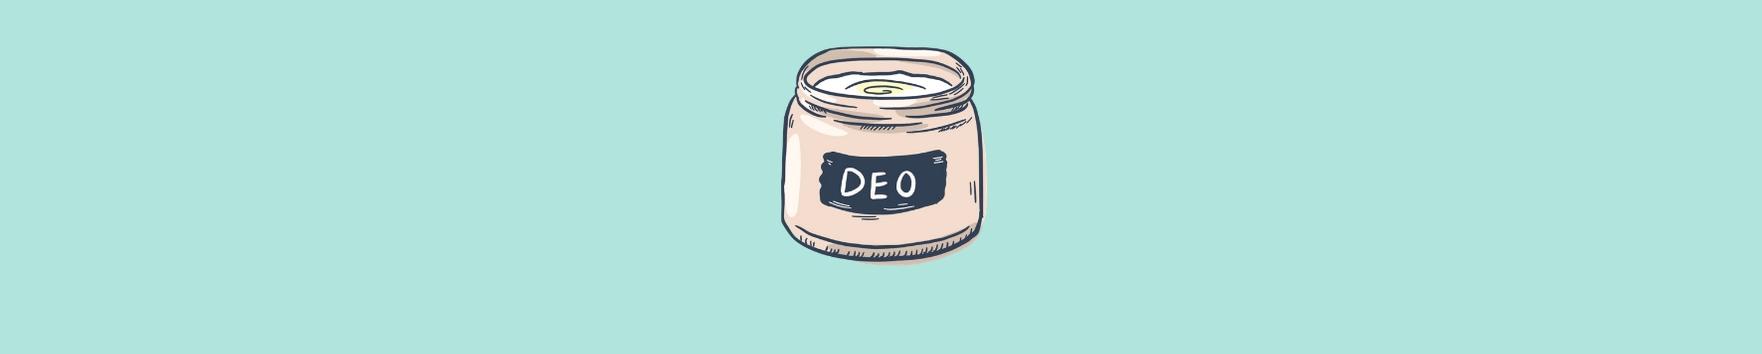 deocreme zero waste plastikfrei deo